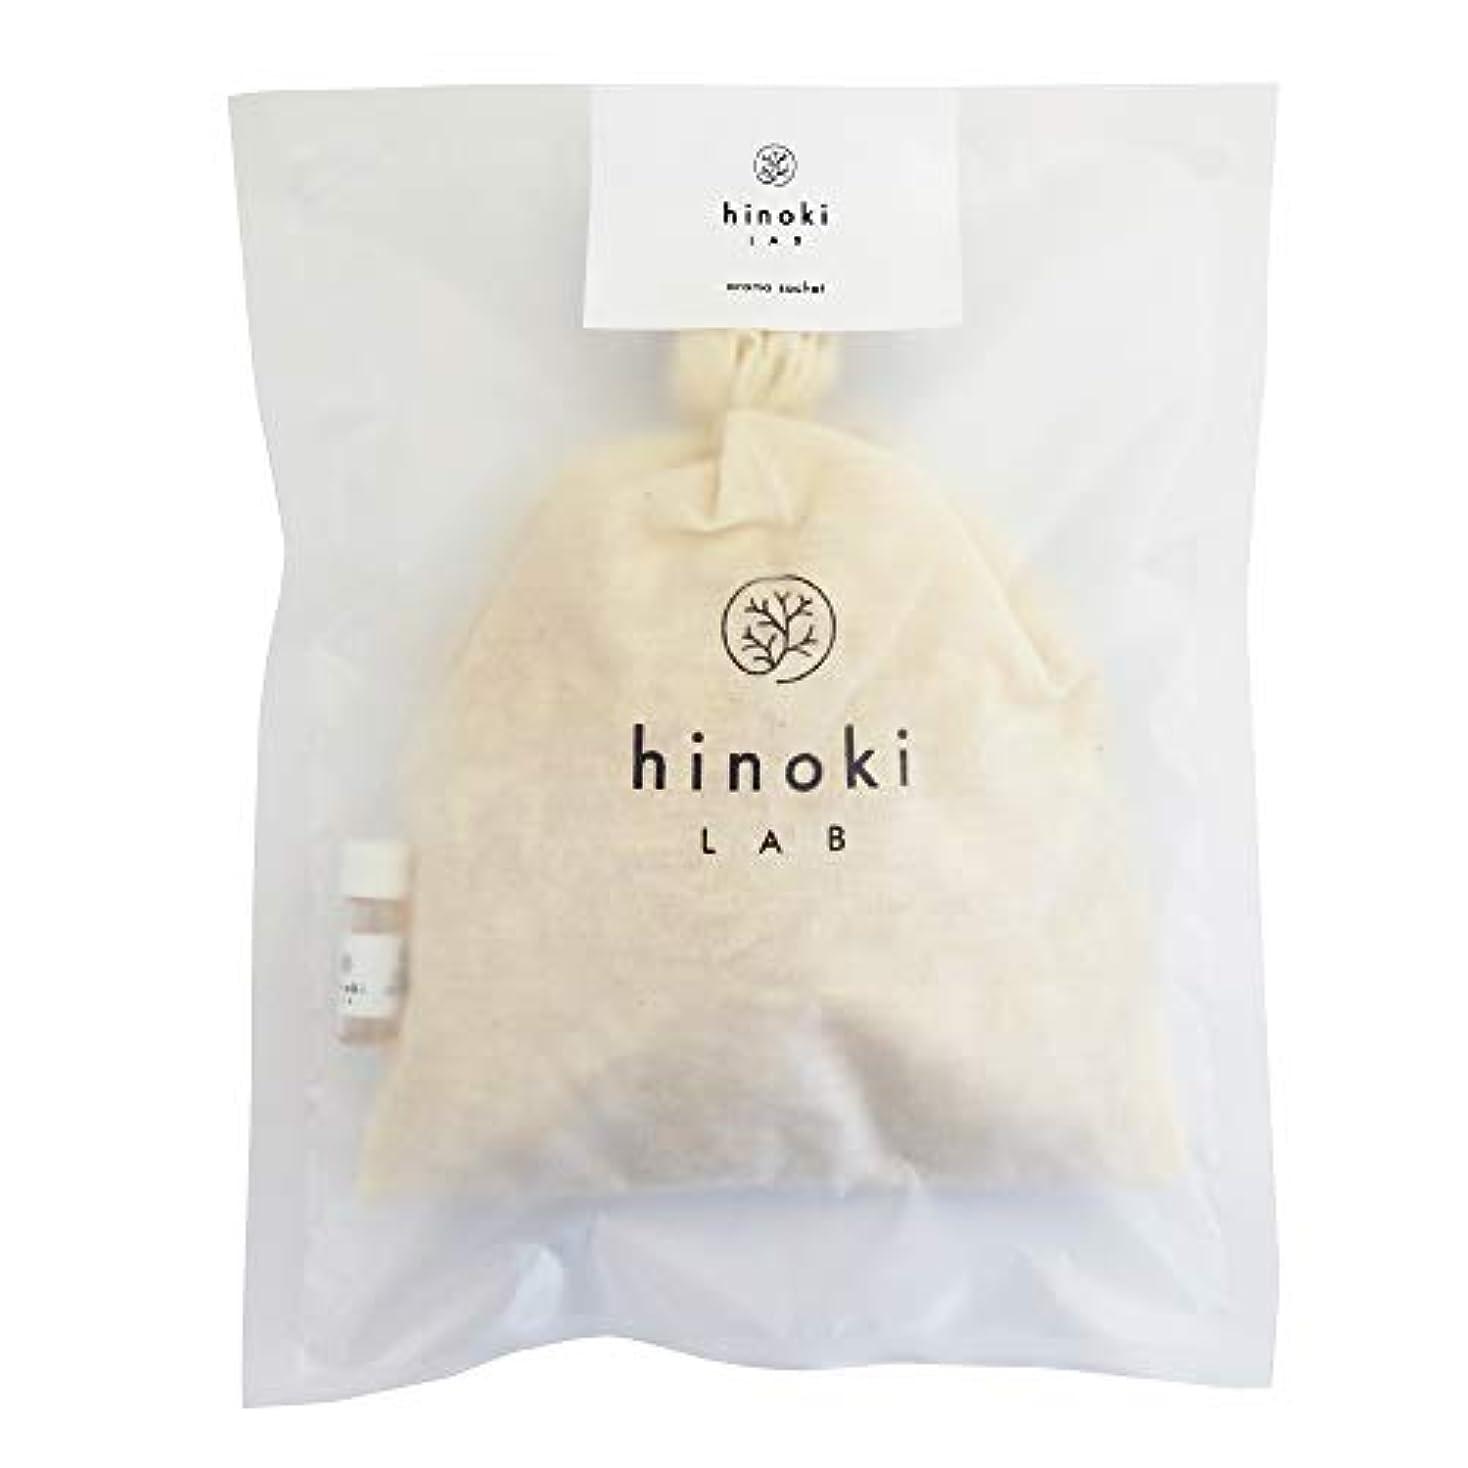 小包通行人第五Hinoki Lab(ヒノキラボ) アロマサシェ&精油 ひのき葉(L)